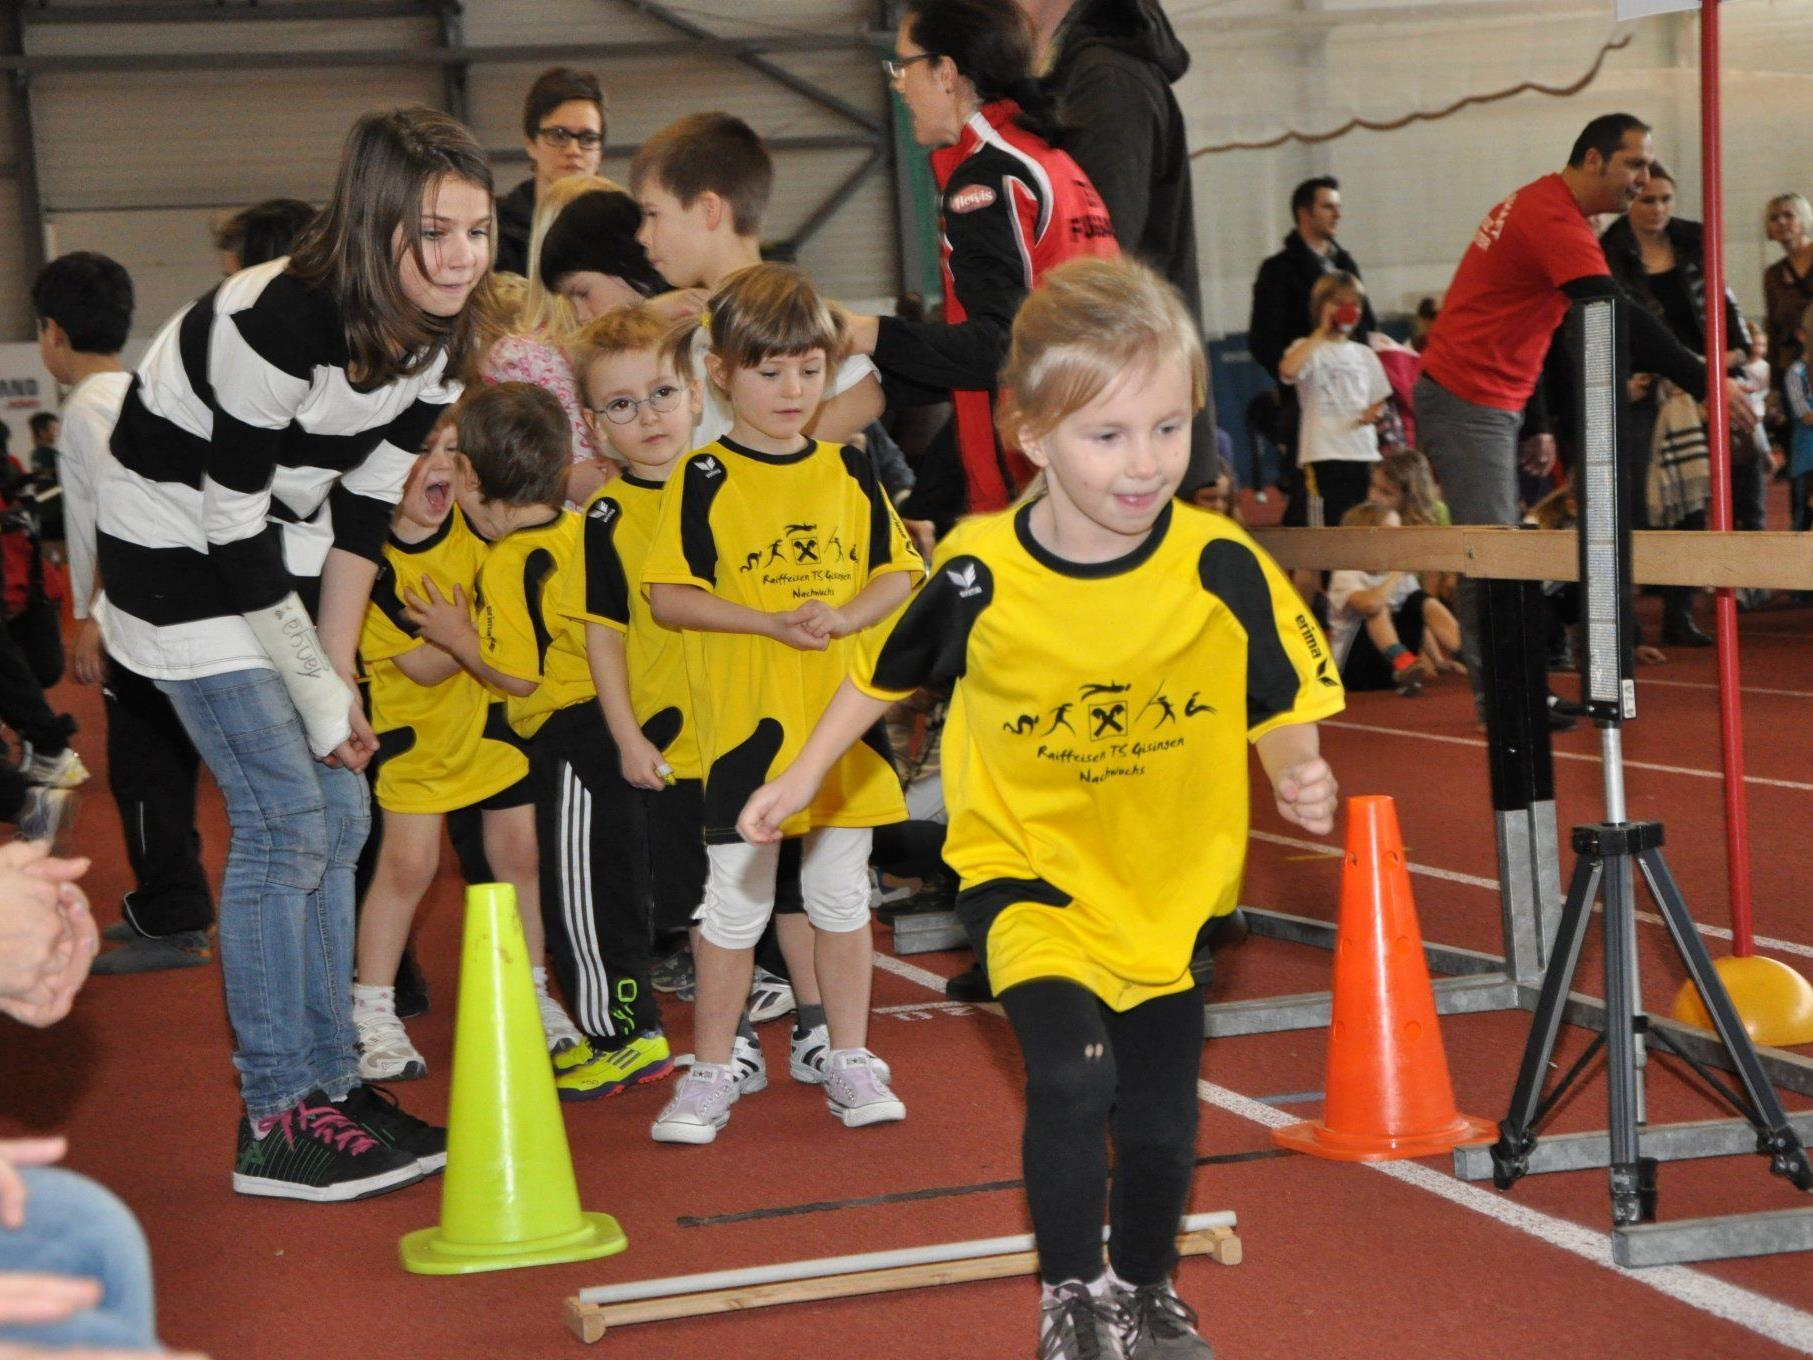 Die kleinen Teilnehmer waren mit großer Begeisterung bei der Sache.